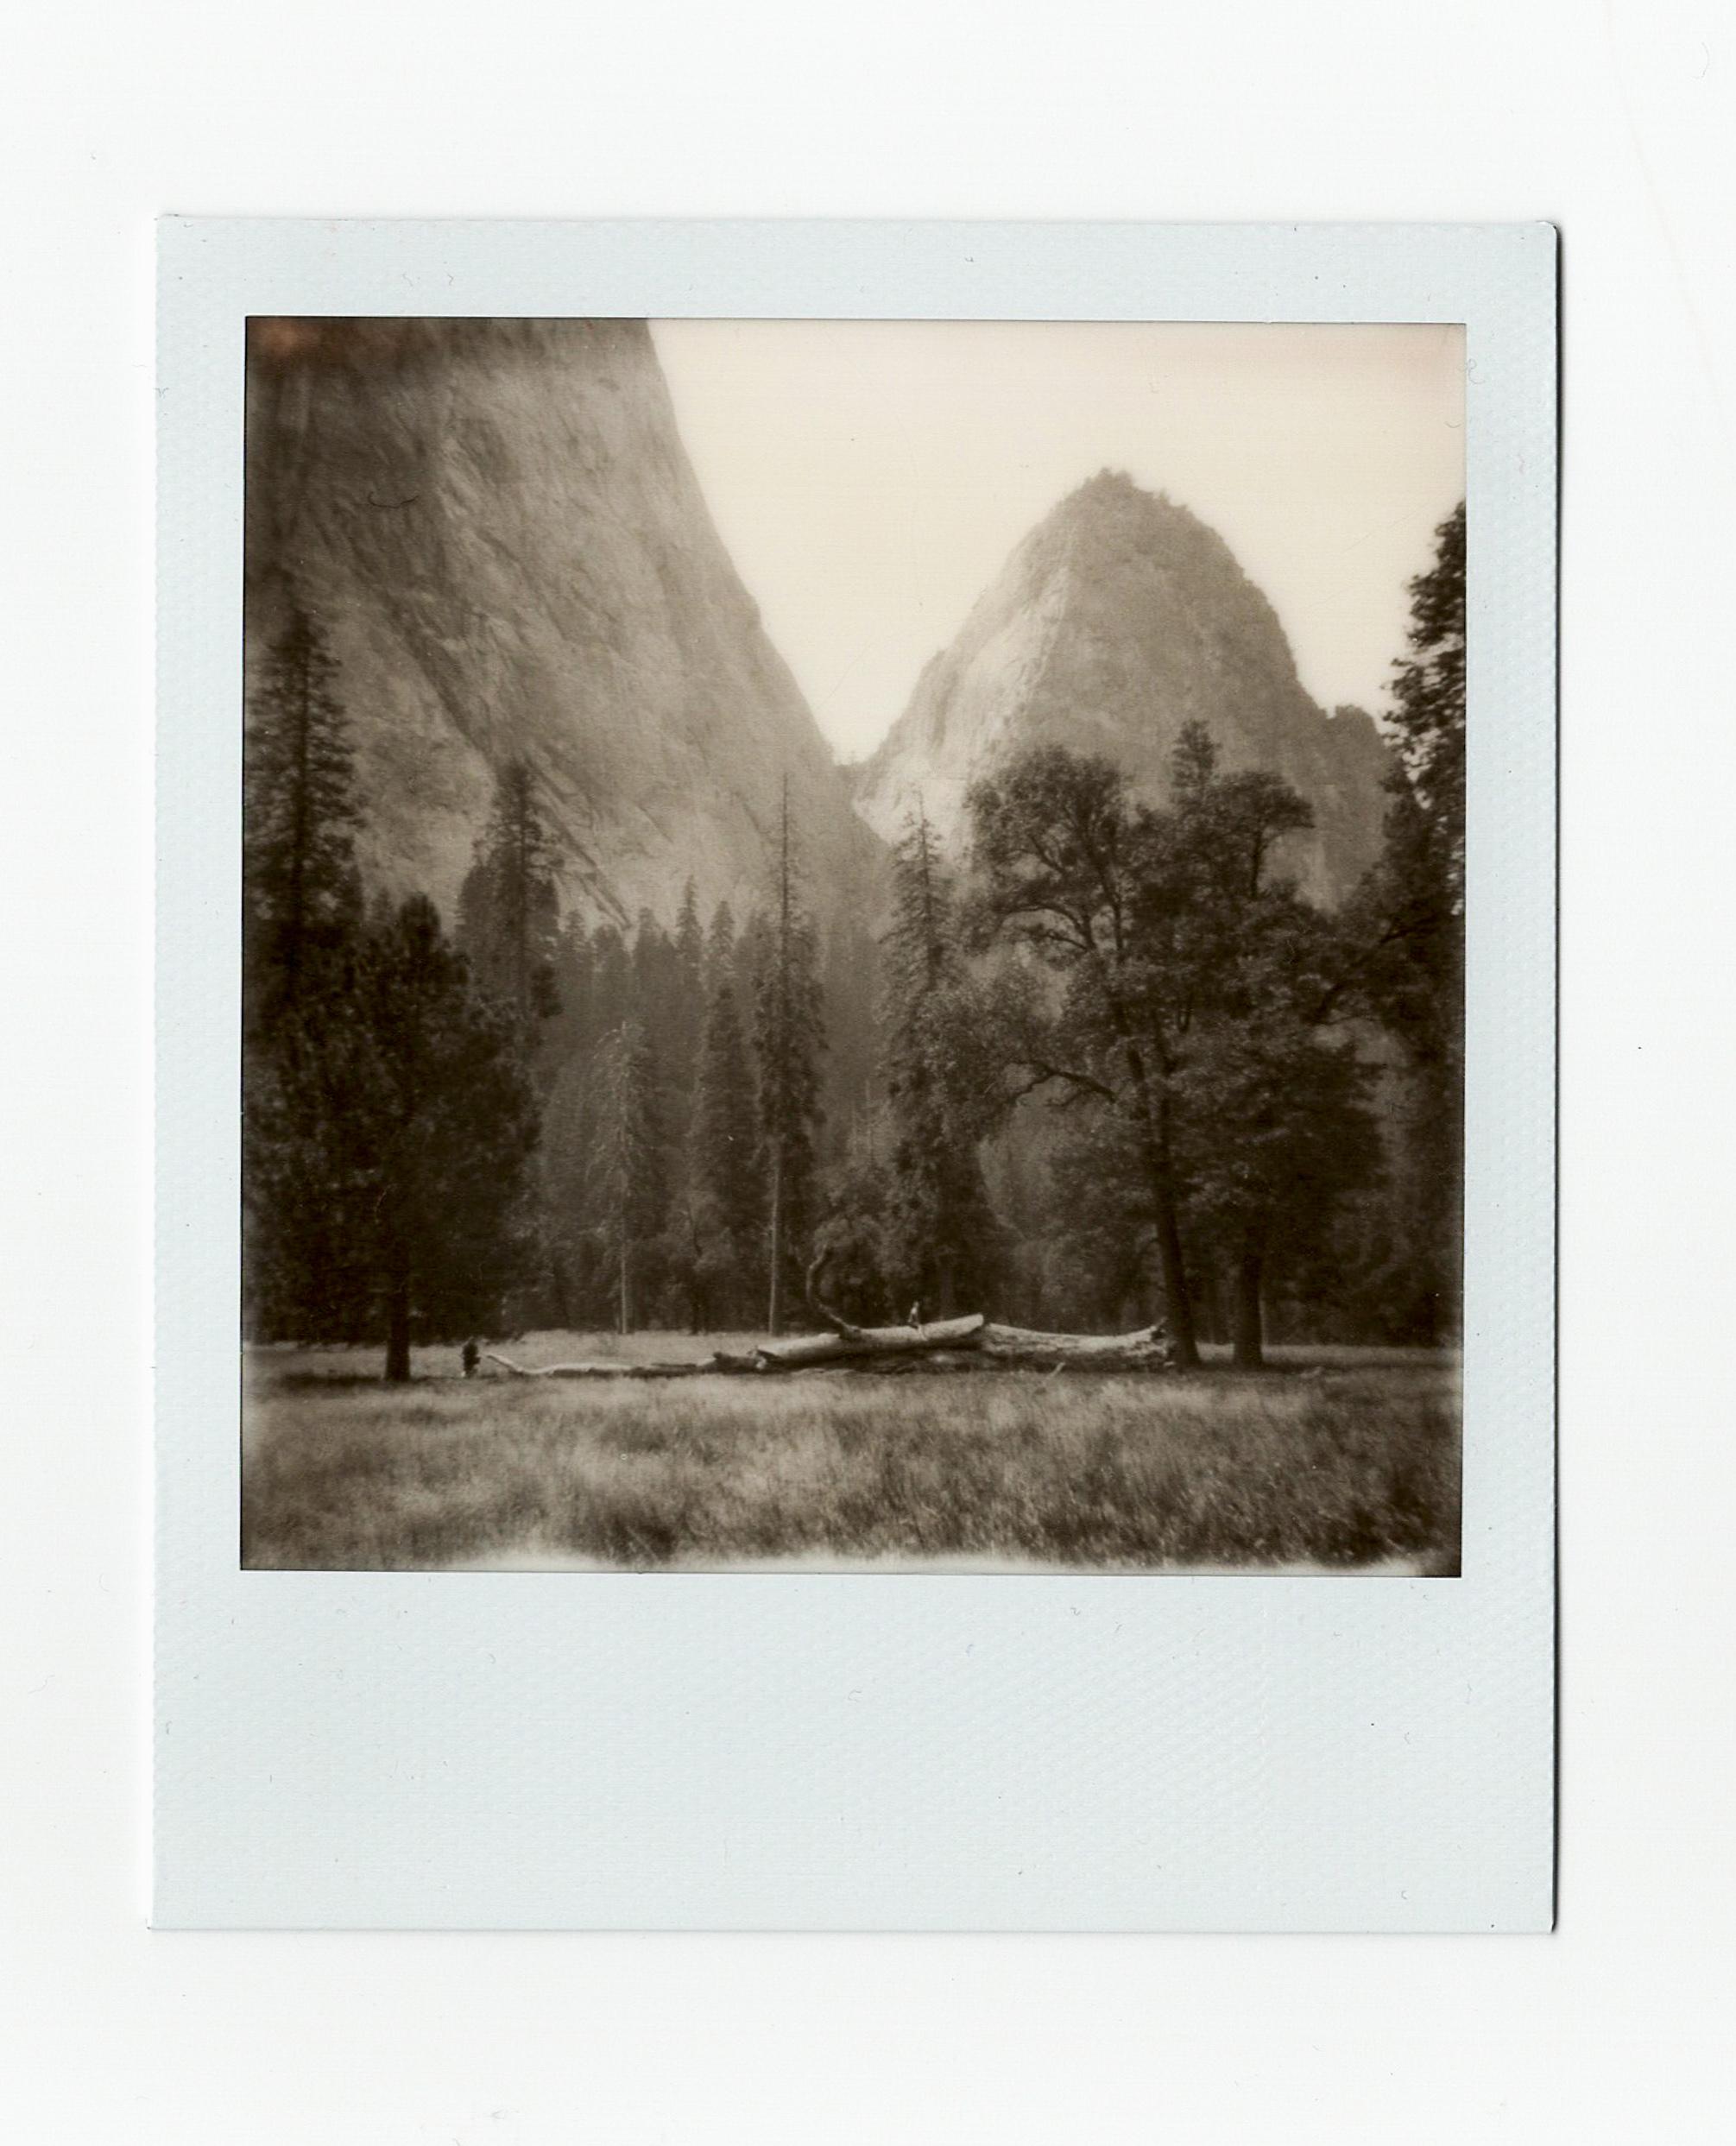 Yosemite17 (7 of 16).jpg